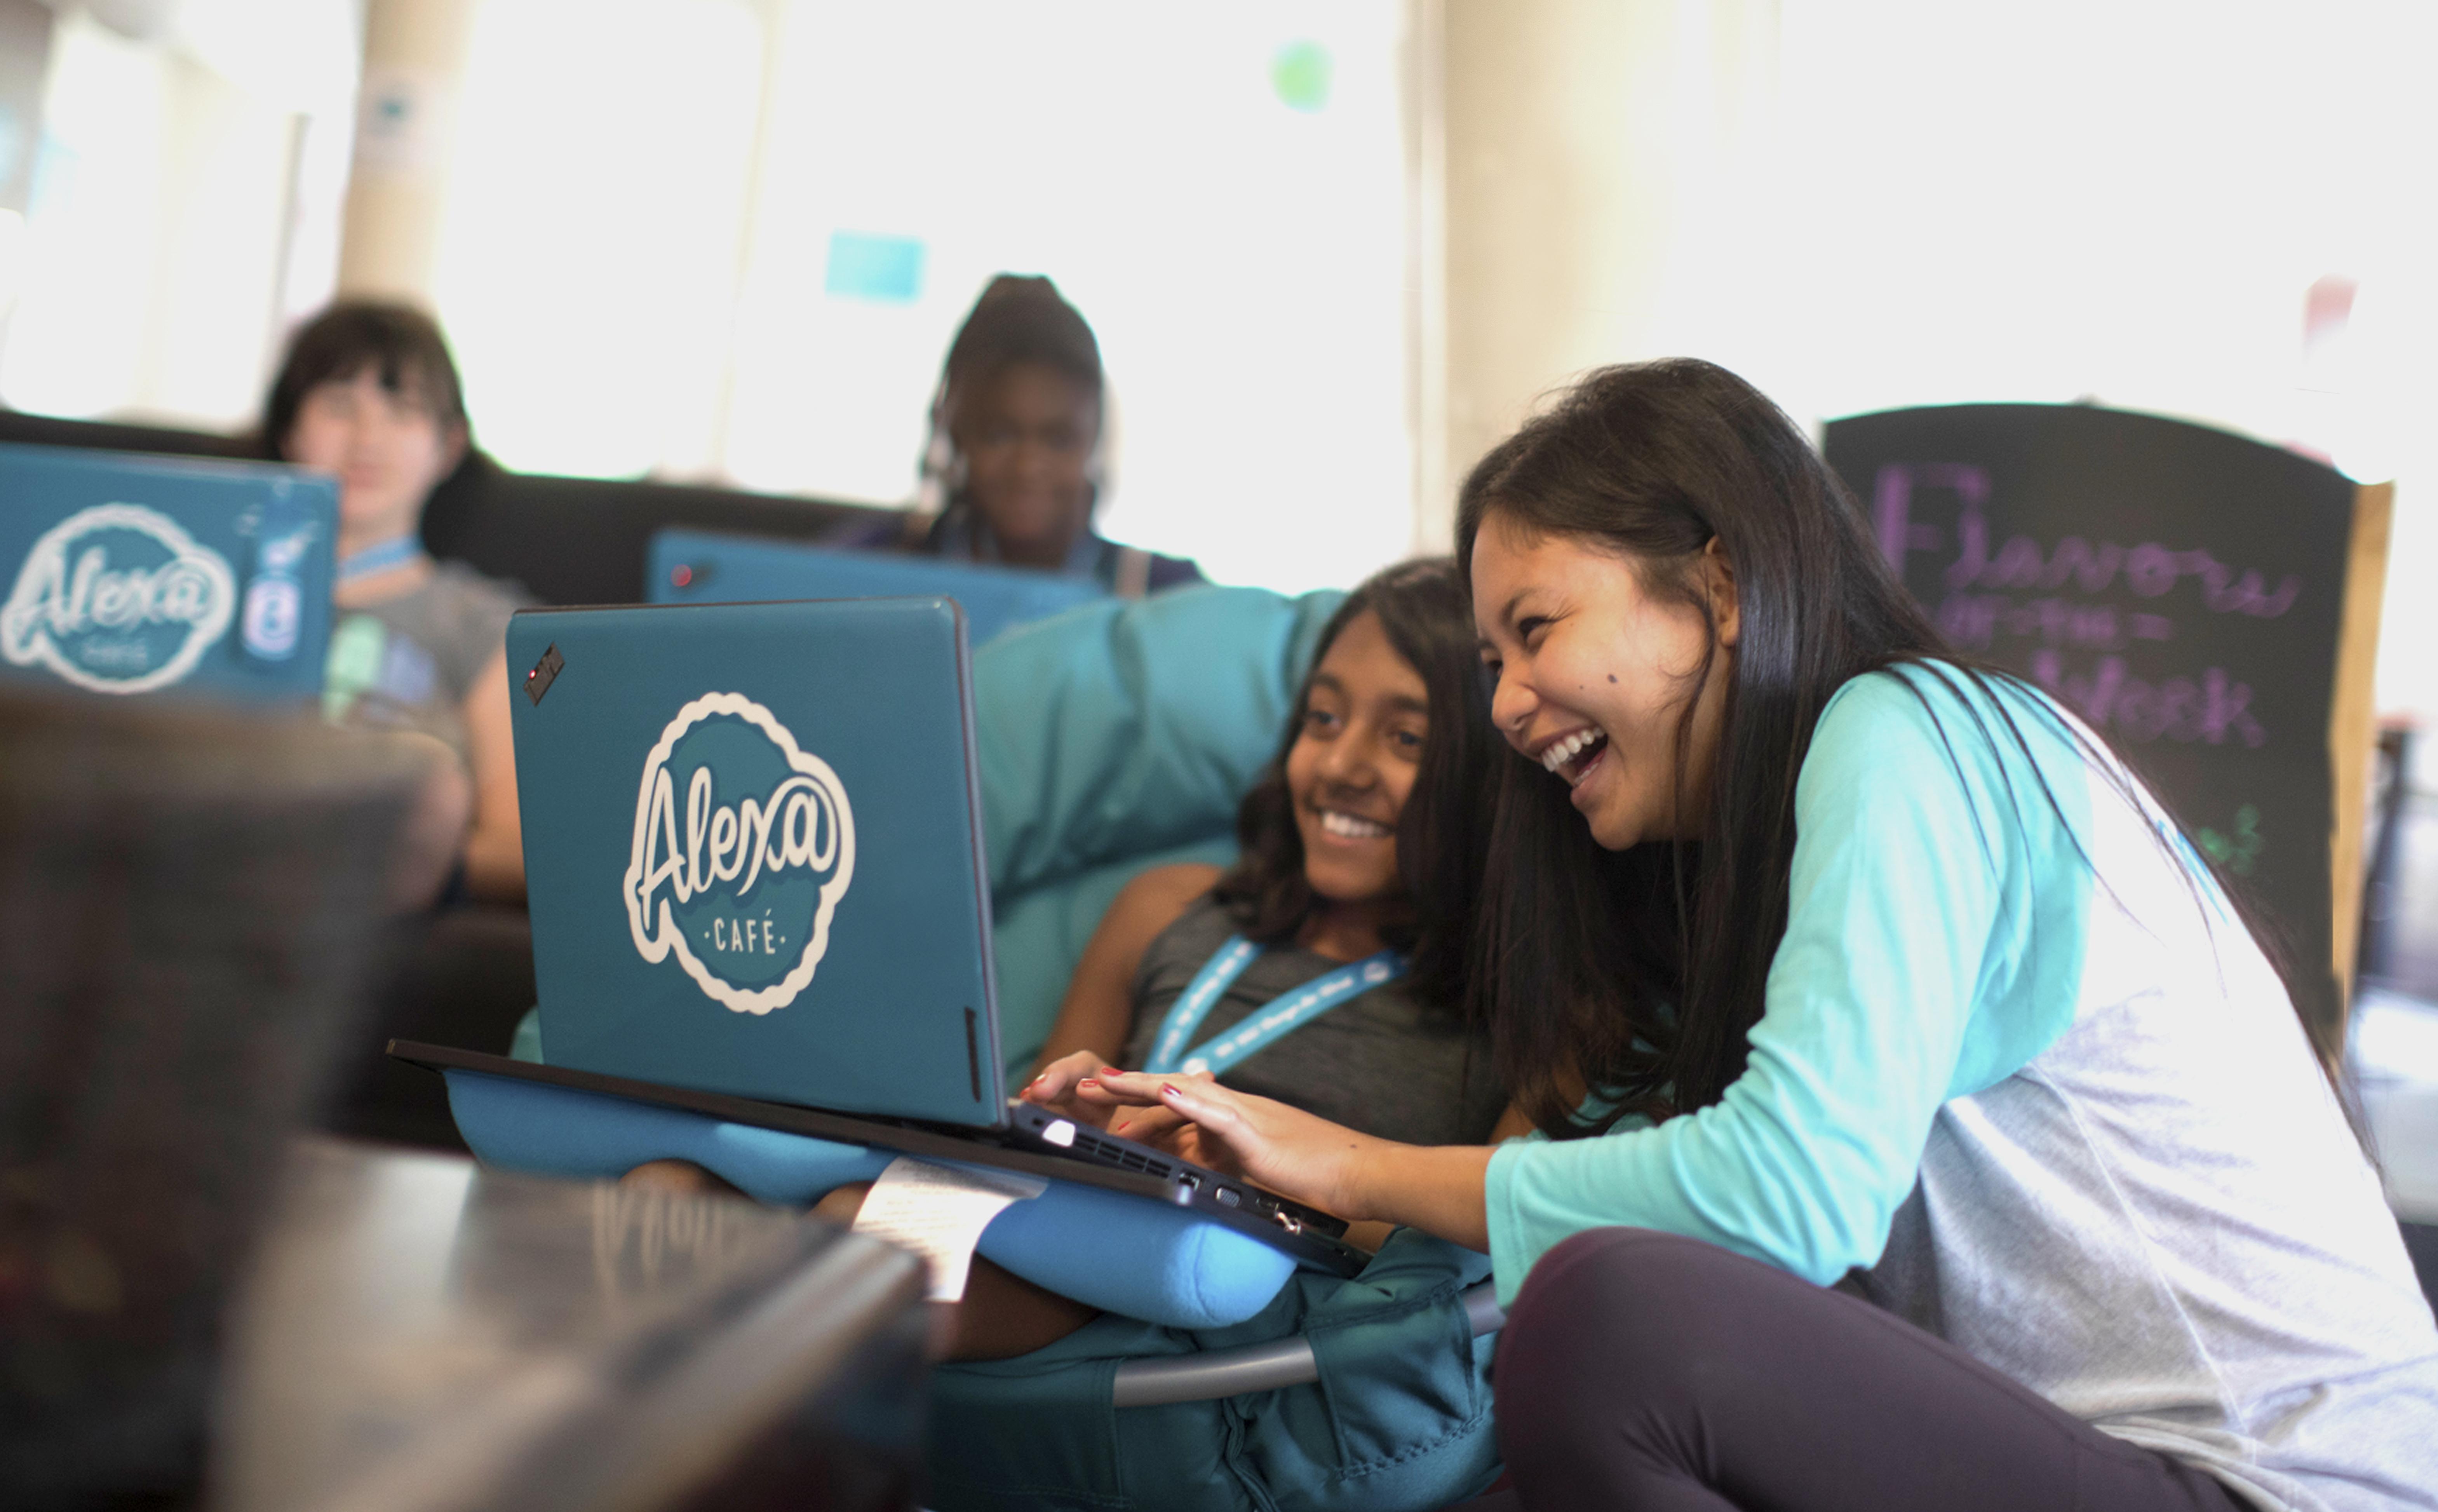 Alexa Cafe: All-Girls STEM Camp | Held at Vanderbilt